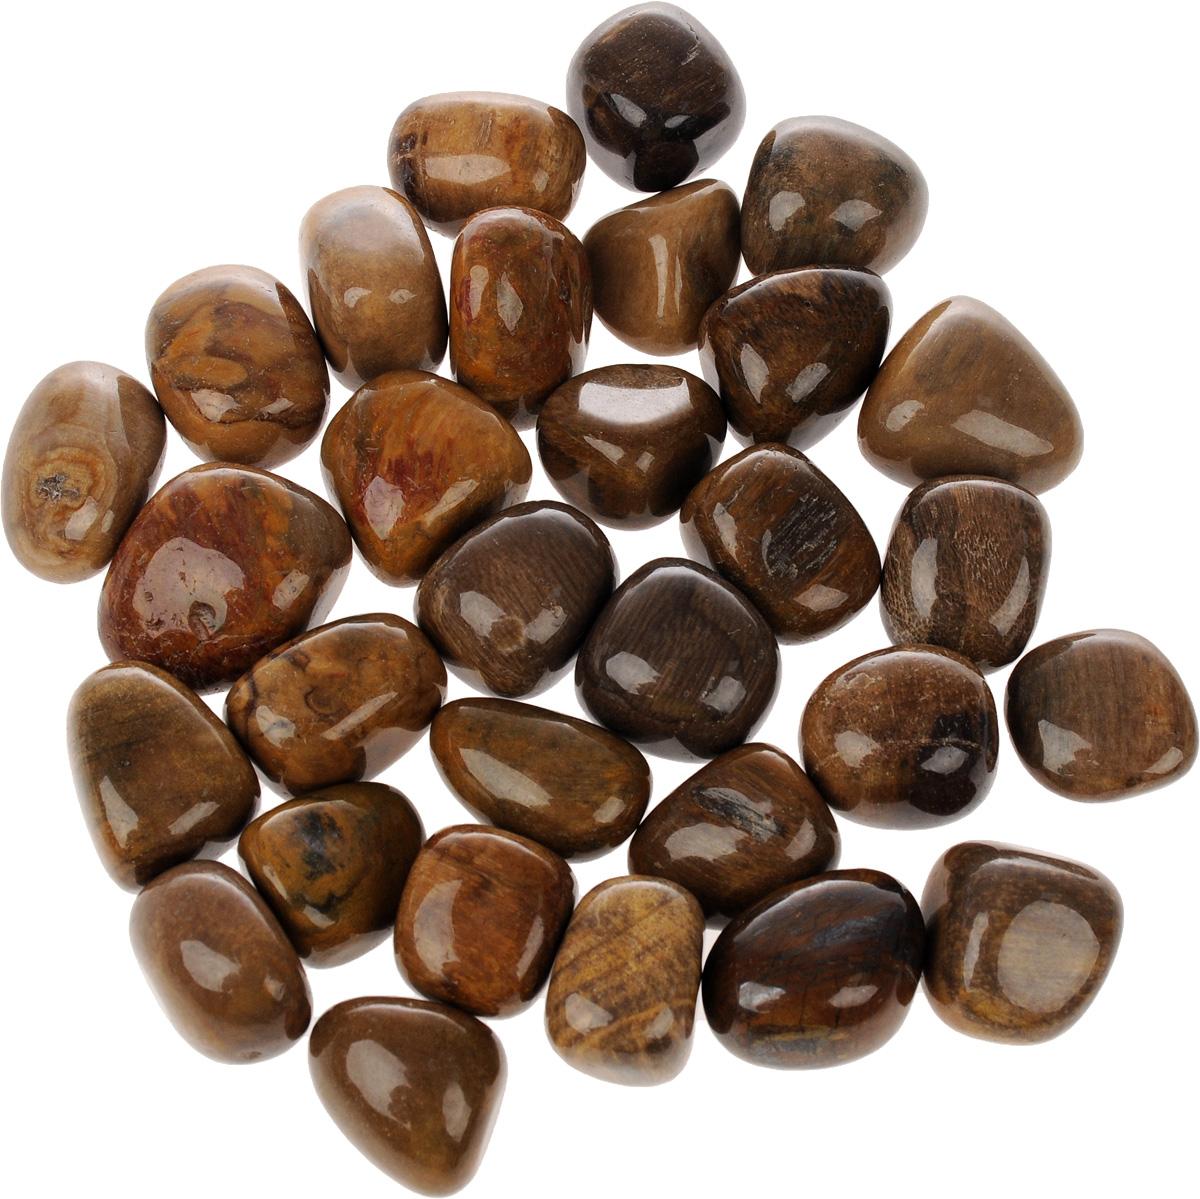 Кристаллы Lo Scarabeo Каменное дерево, 500 гр. CR13CR13Камни в виде кристаллов могут использоваться в астрологических гаданиях, а также как амулет или талисман. В зависимости от свойств камня можно выбирать и принцип его применения. Обращаем ваше внимание, что упаковка может содержать различное количество кристаллов (20-35 штук).